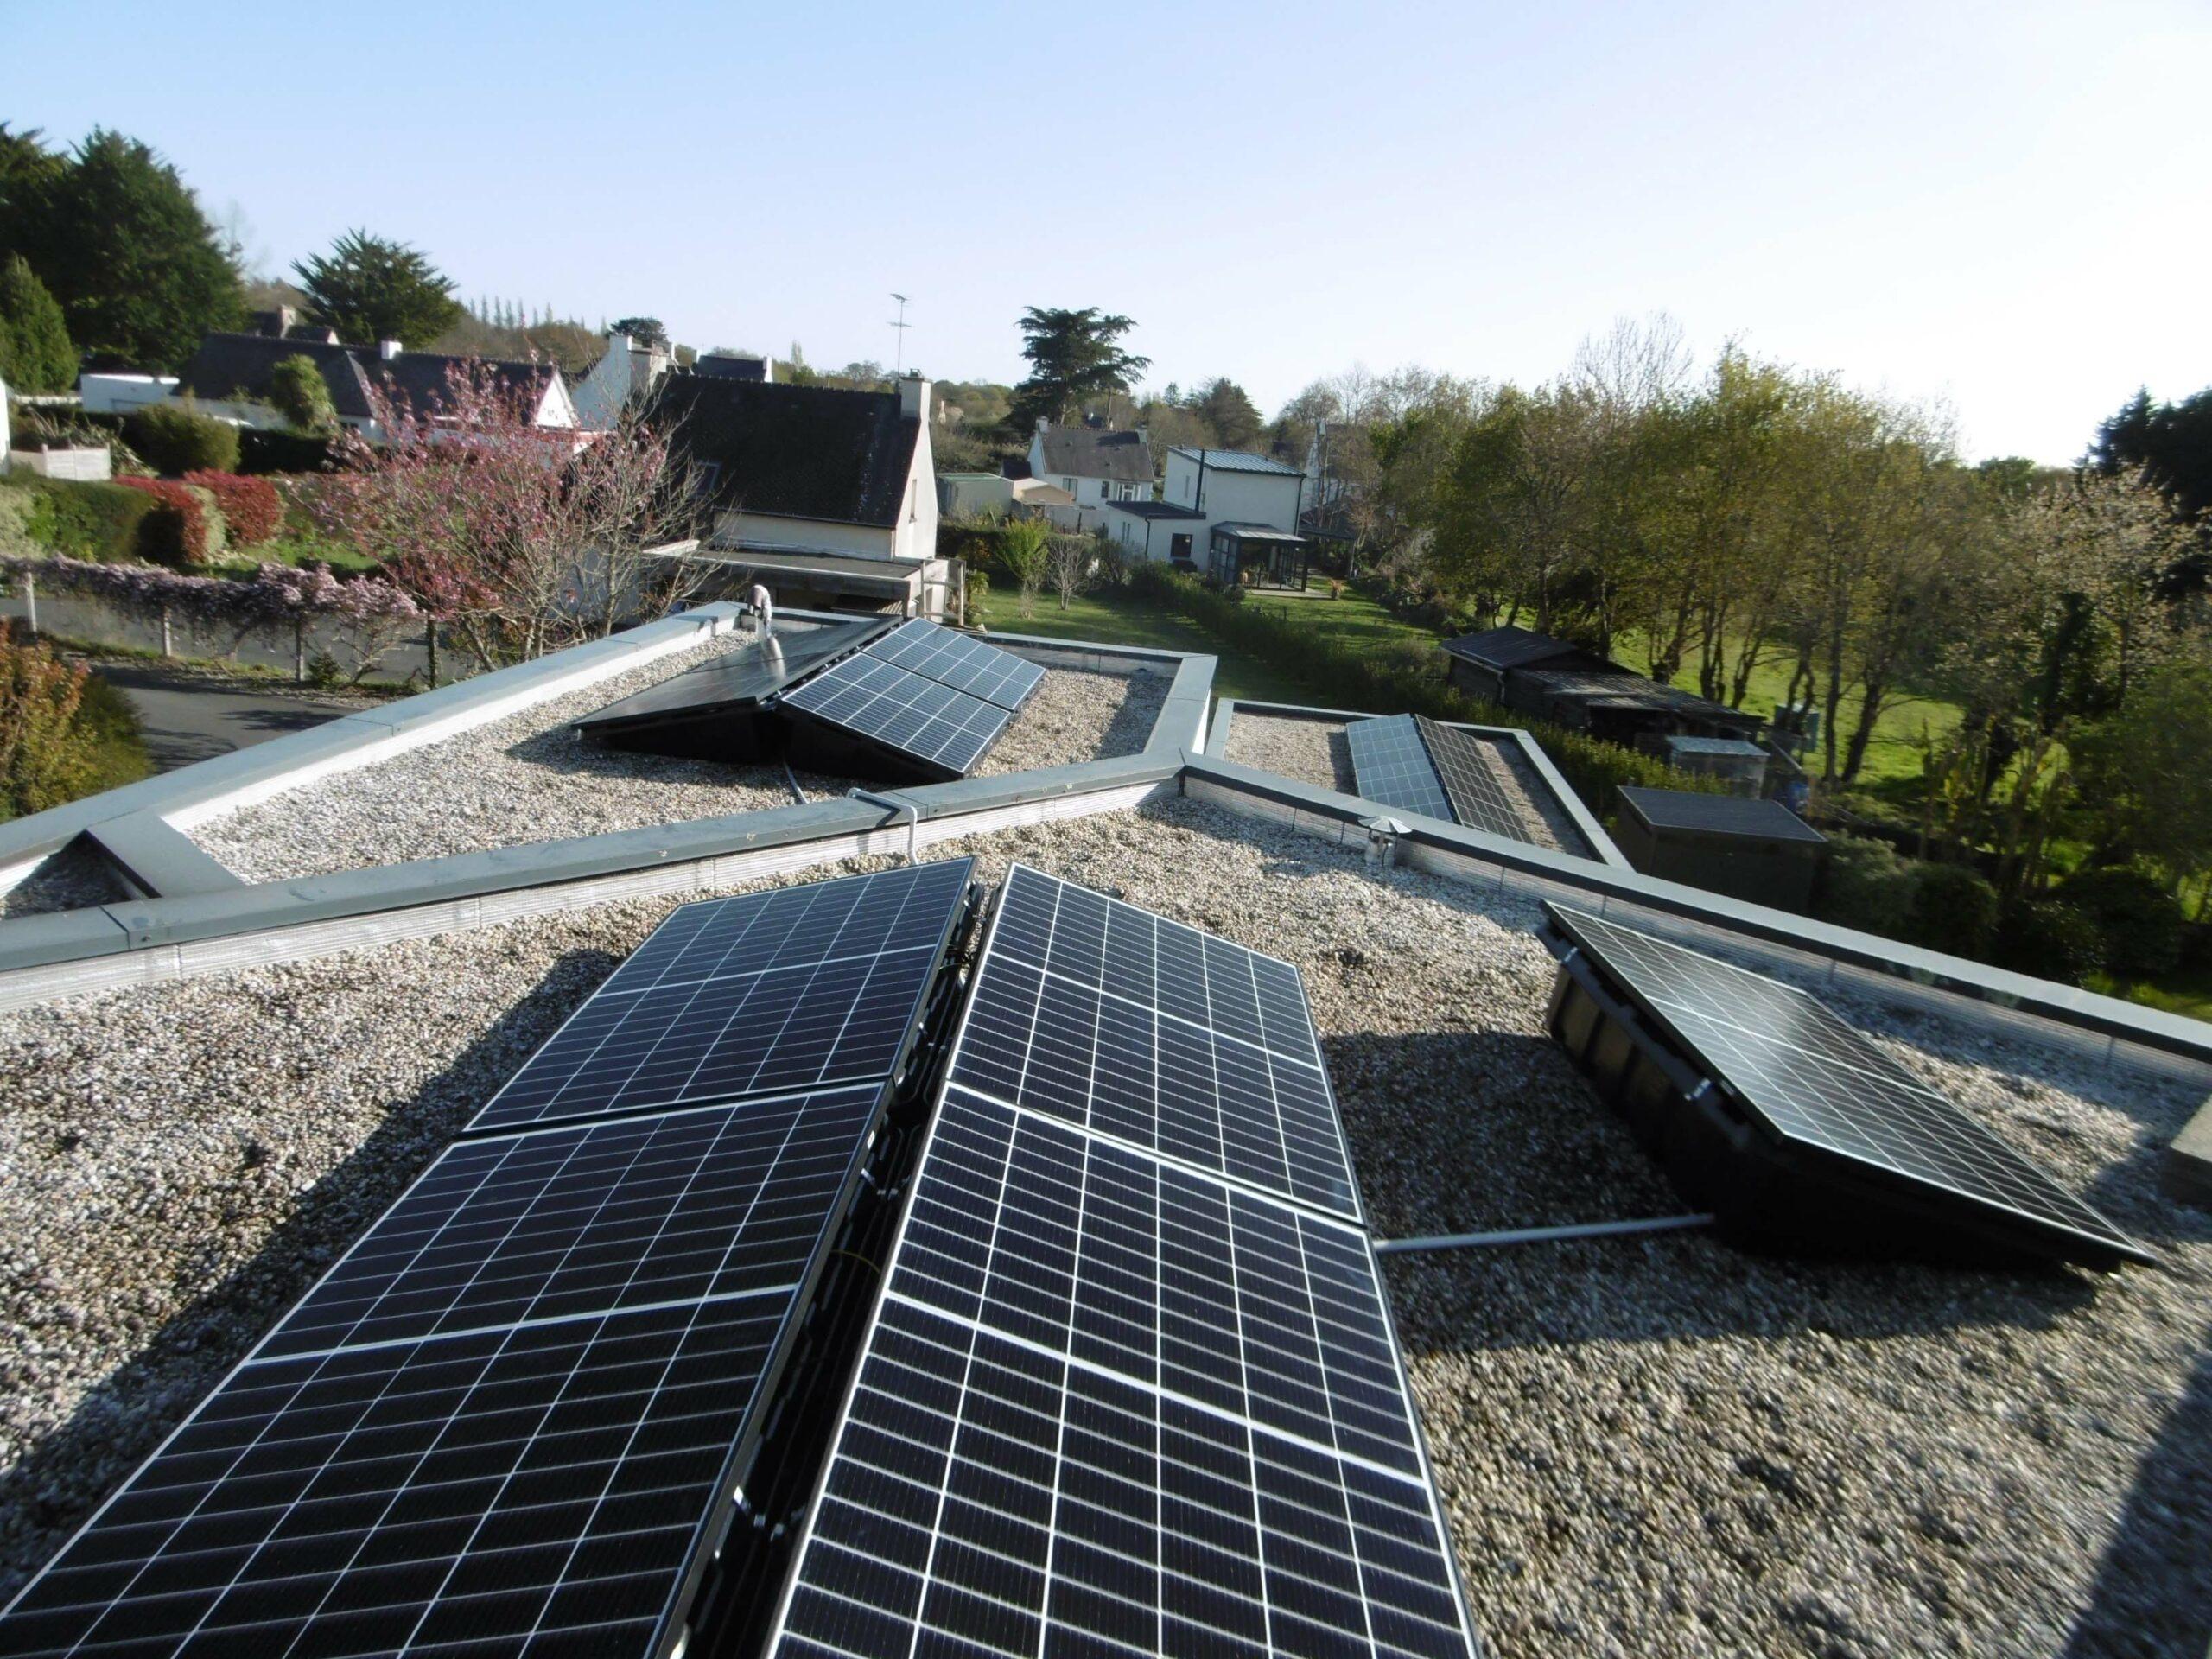 BBS installateur solaire a réalisé cette installation d'une puissance de 9Kw pour de l'autoconsommation à Fouesnant